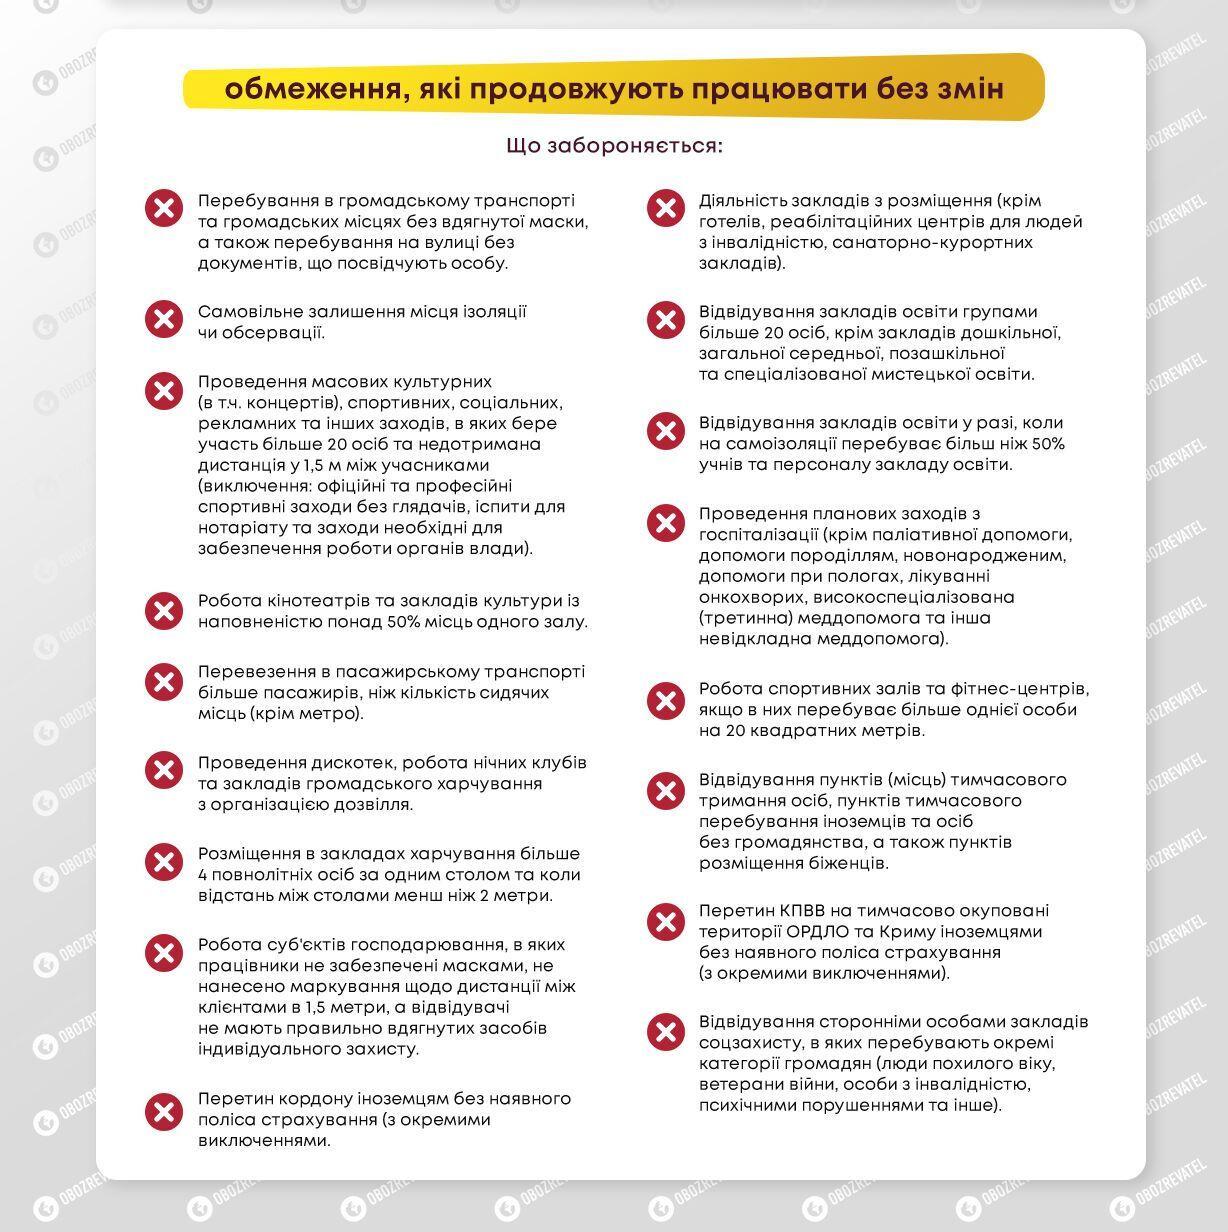 В Украине начнут действовать новые карантинные ограничения: что запрещено с 19 декабря